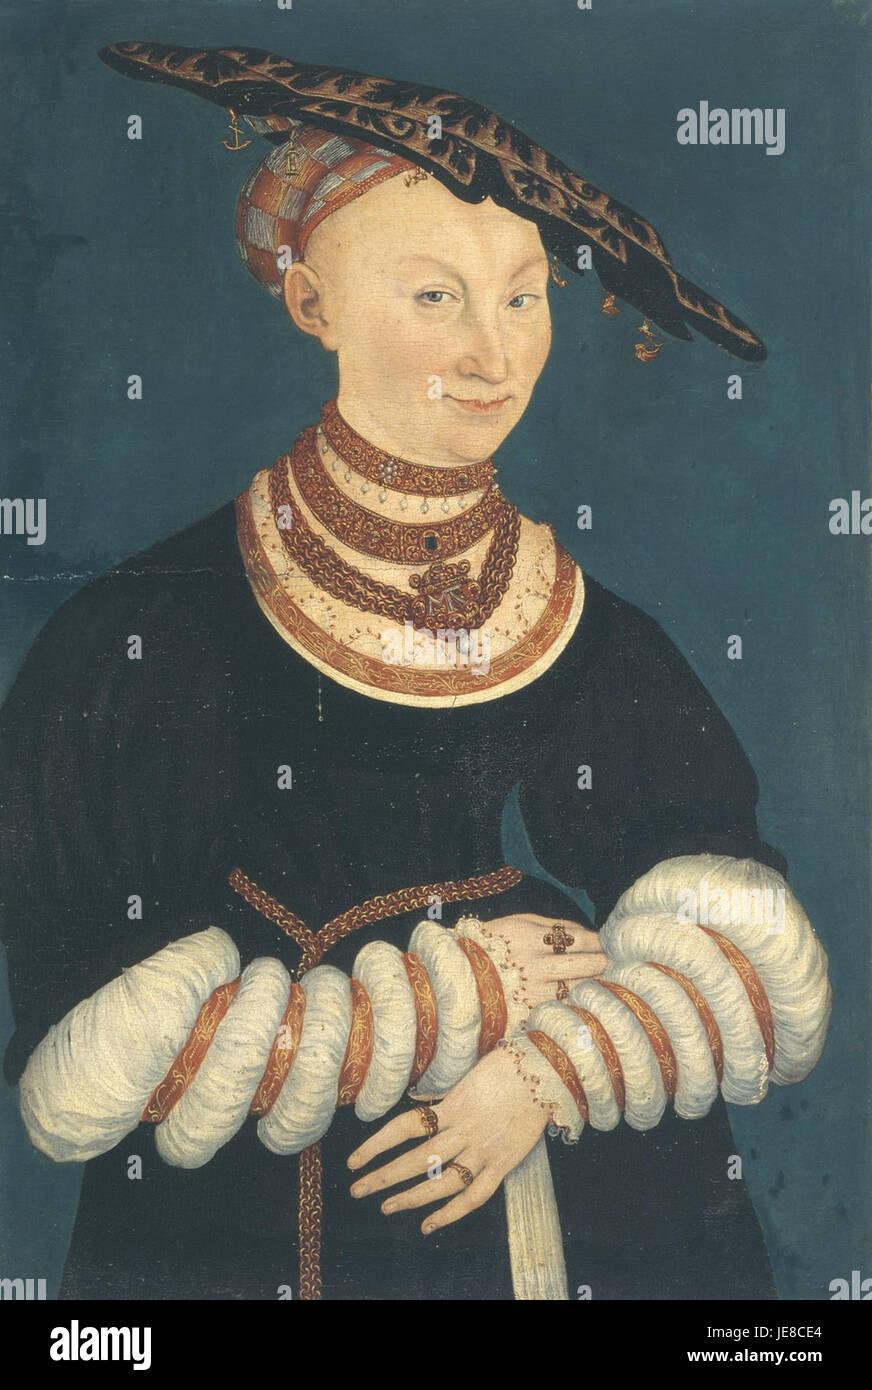 Lucas Cranach d.J. - Herzogin Katharina von Mecklenburg (Veste Coburg) - Stock Image